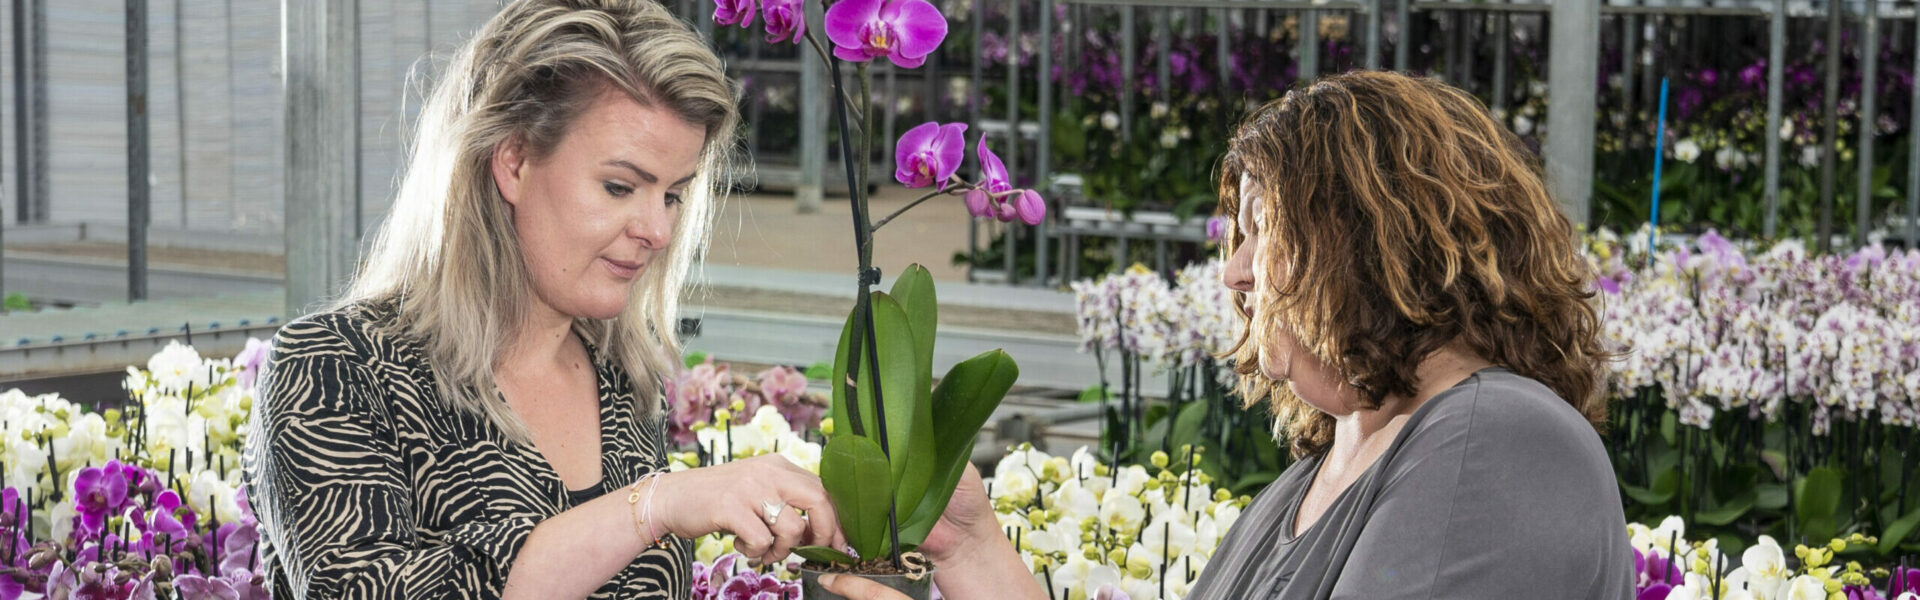 De toekomst van de orchideeënteelt